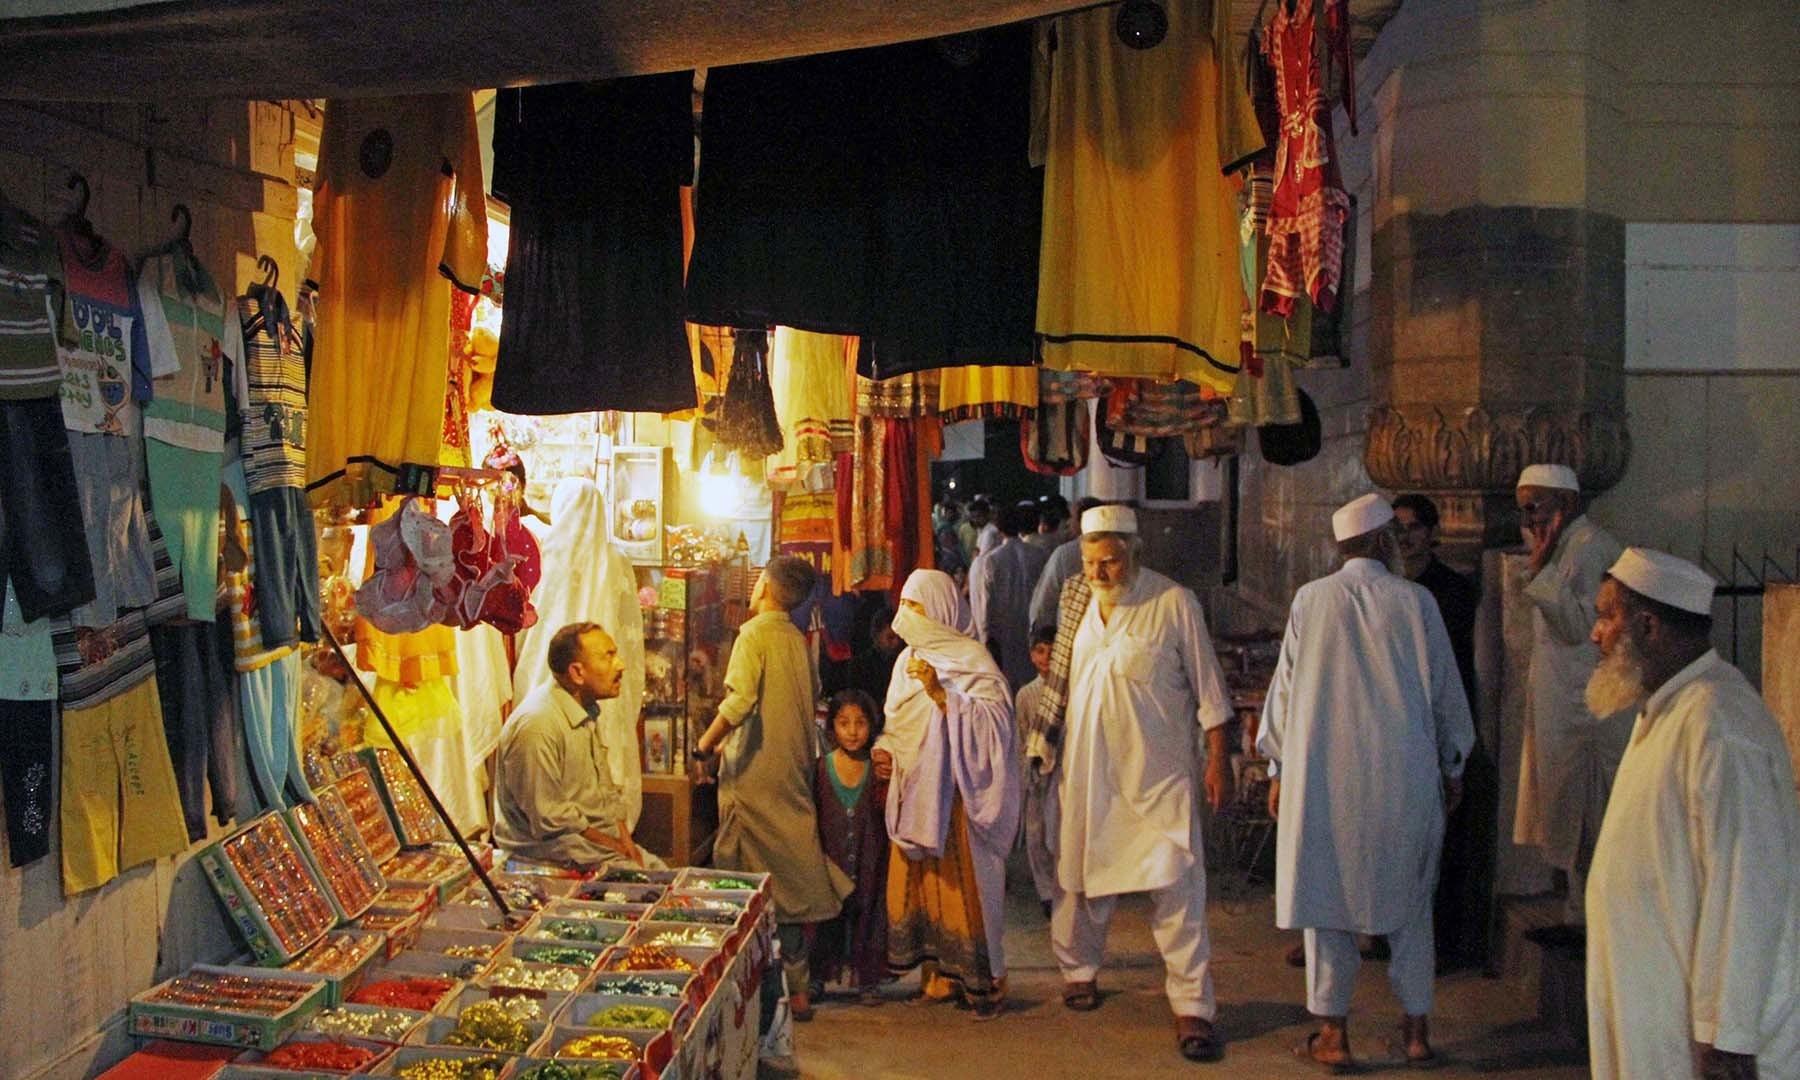 سیدو بابا بازارکے شام کے وقت کا منظر— فوٹو امجد علی سحاب